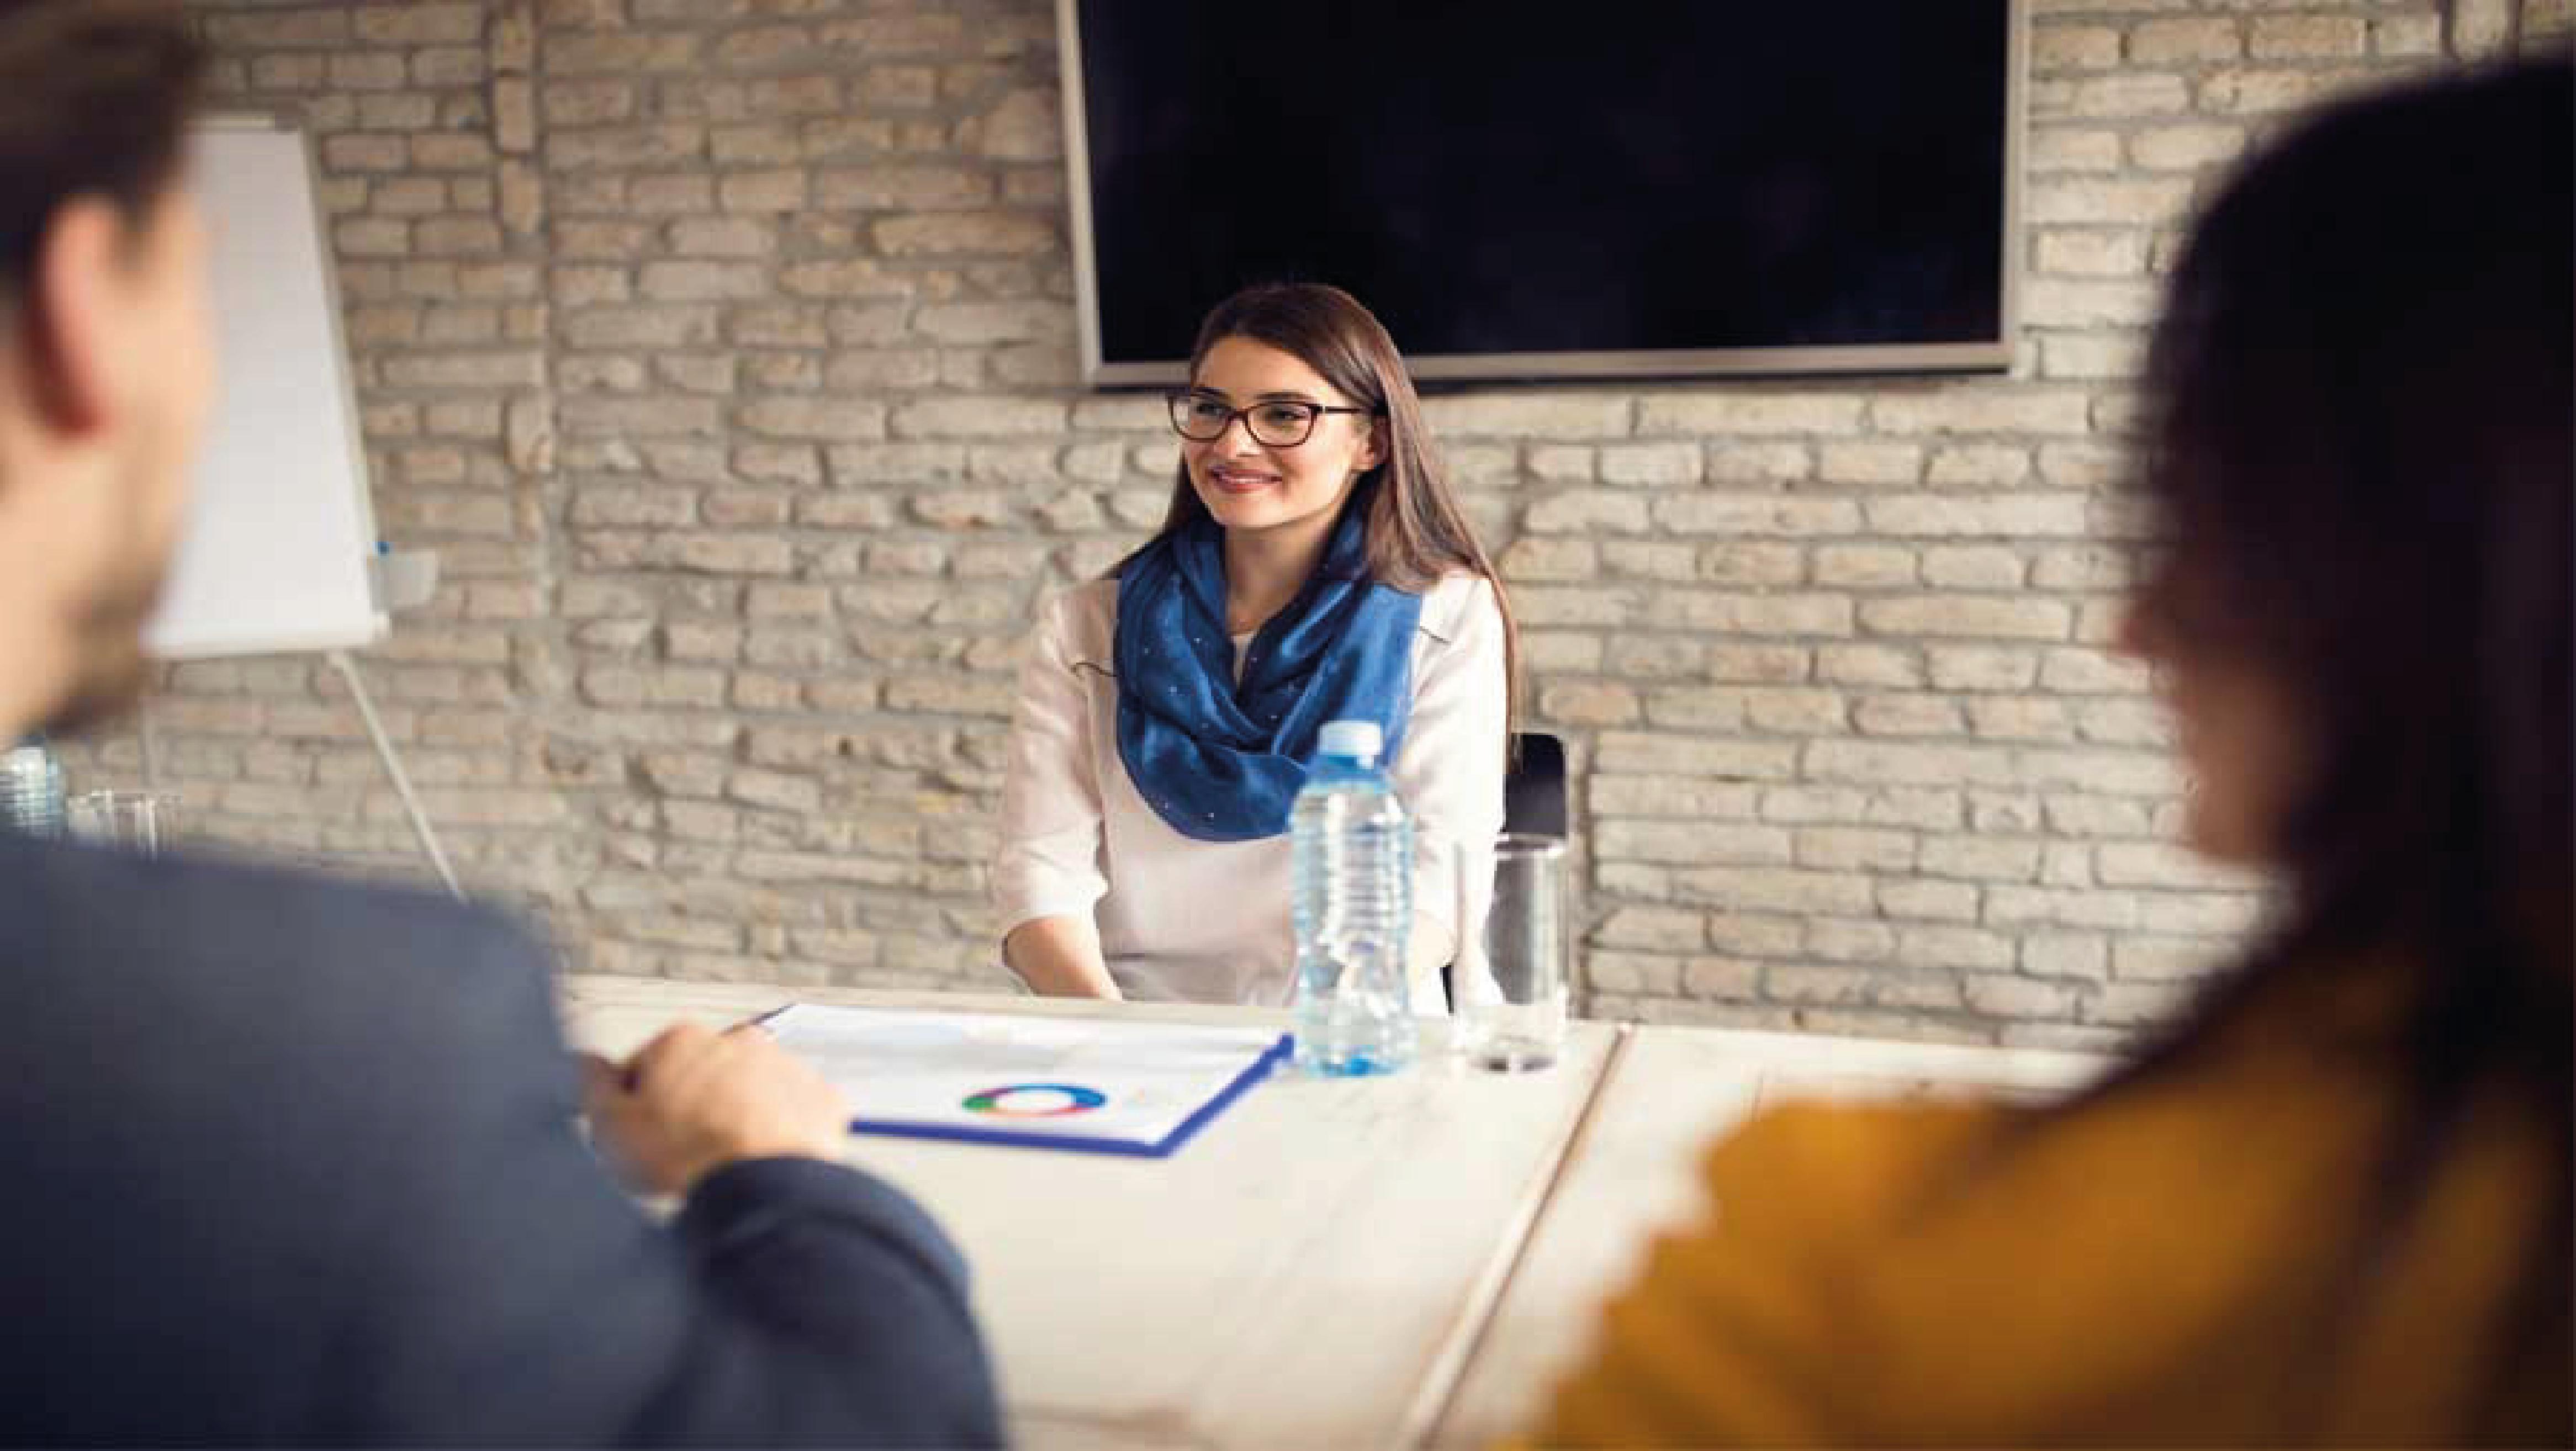 Öğrenci Kariyeri - Kişisel Gelişim: Kendini Pazarlamak: Etkili CV Hazırlamanın Püf Noktaları